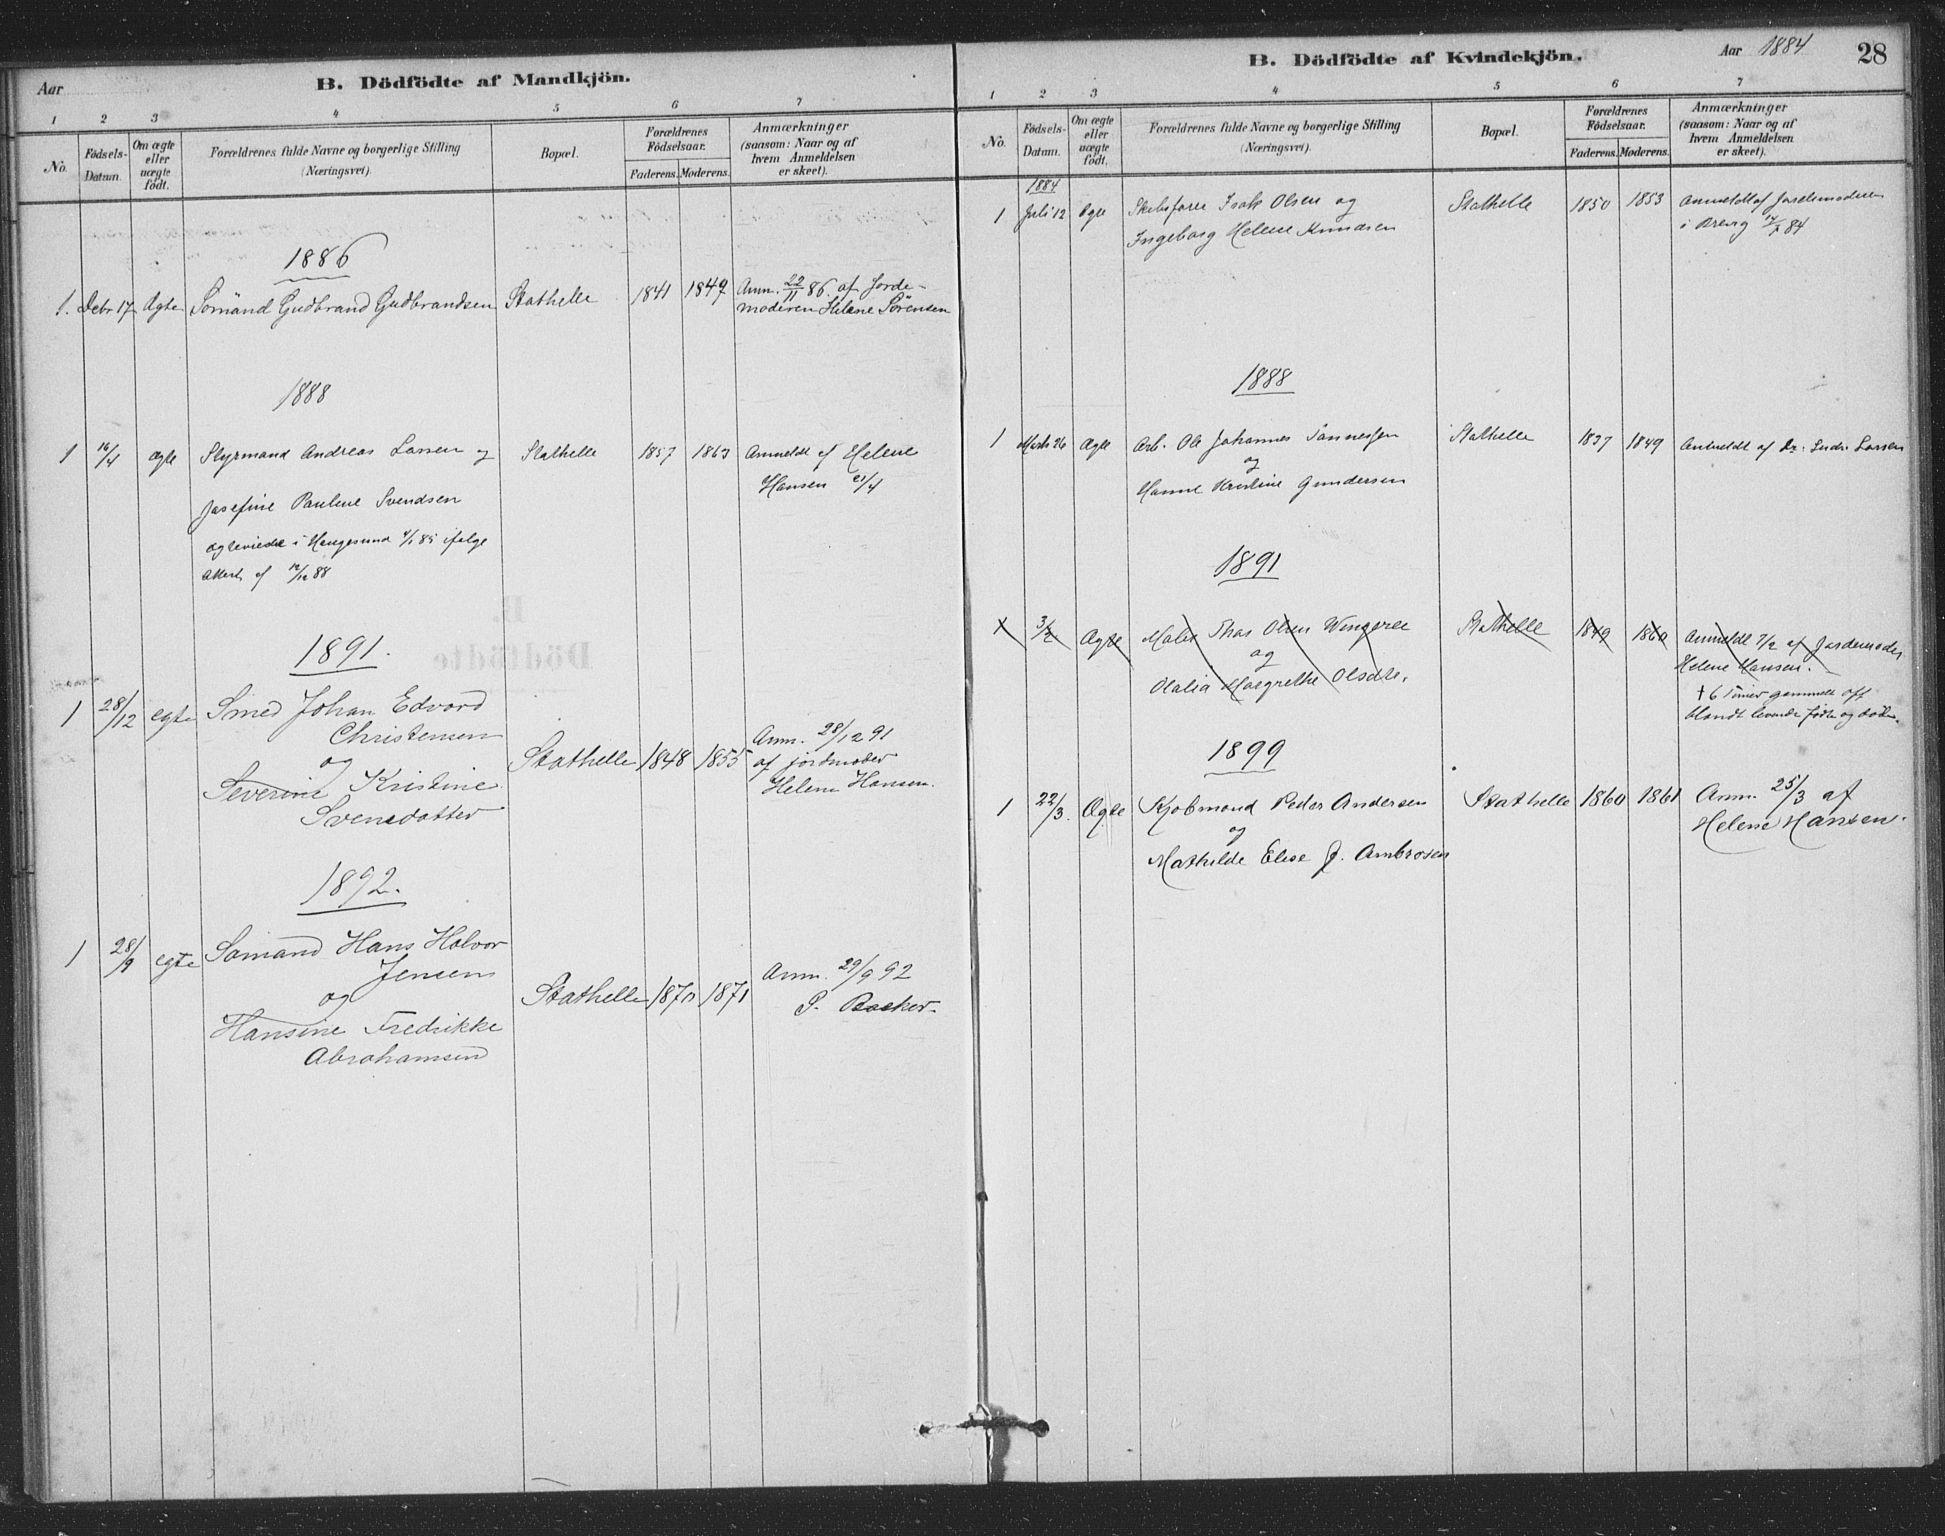 SAKO, Bamble kirkebøker, F/Fb/L0001: Ministerialbok nr. II 1, 1878-1899, s. 28